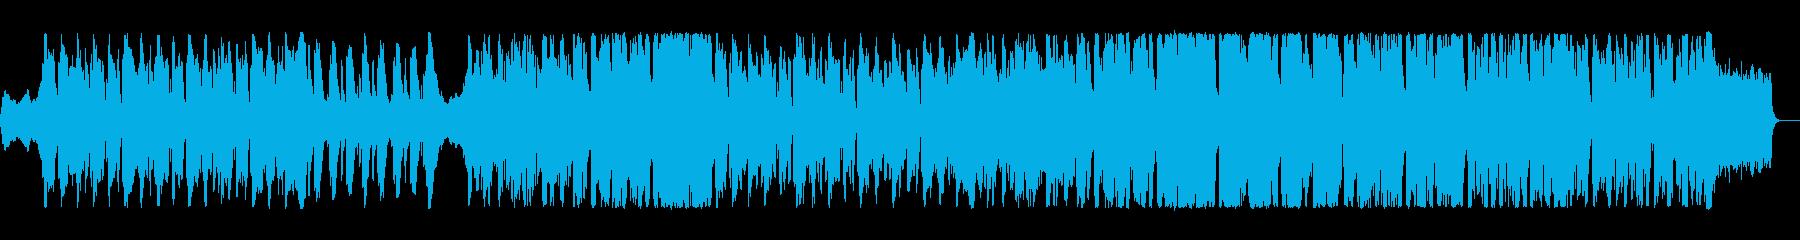 クラシック 楽しげ ファンタジー ...の再生済みの波形